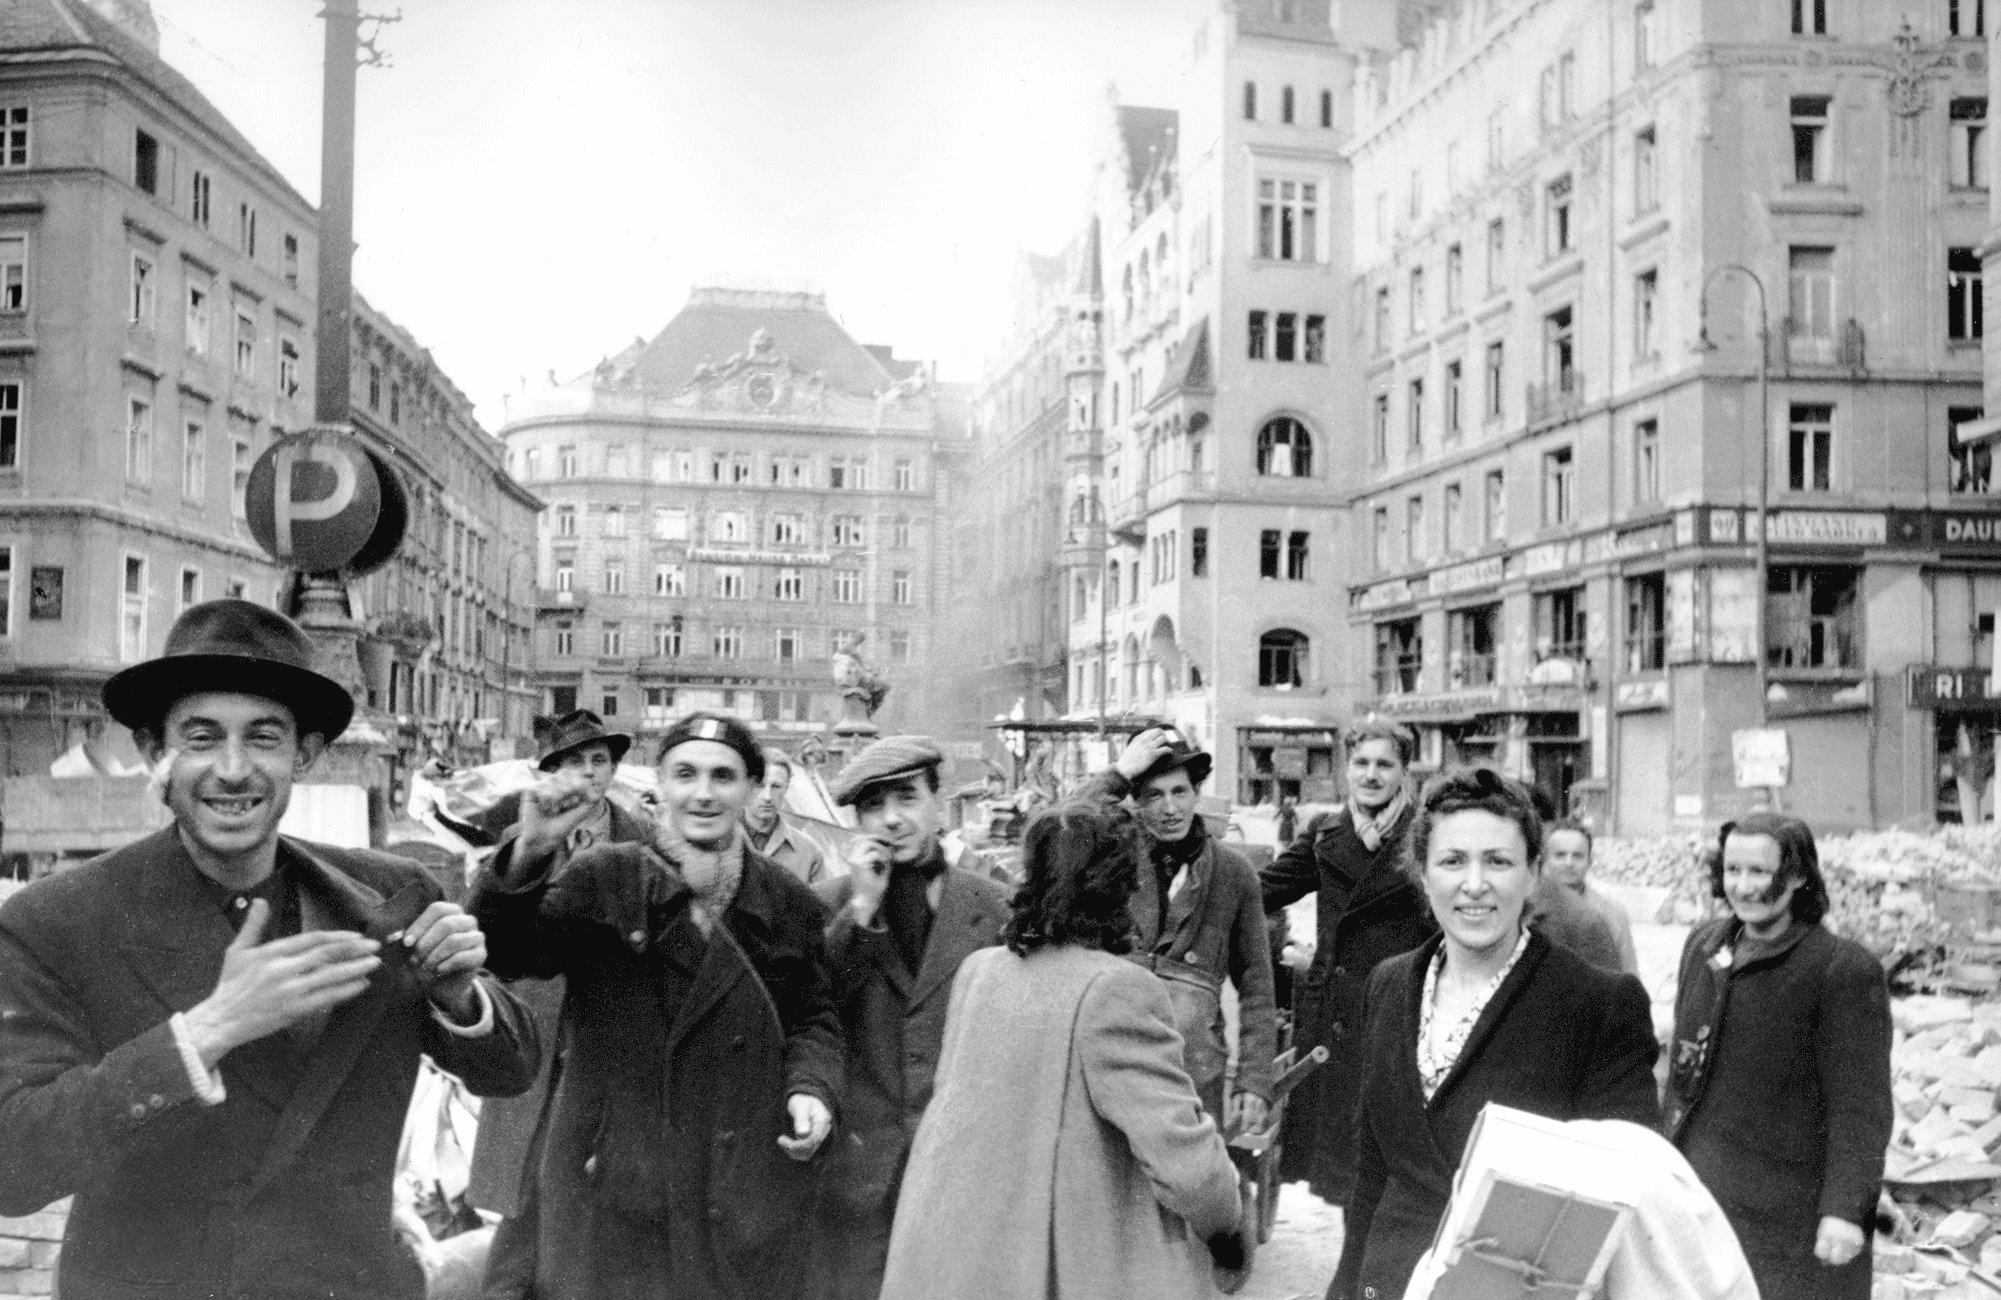 1945. Французские и итальянские рабочие празднуют освобождение от фашистского режима на одной из площадей Вены.